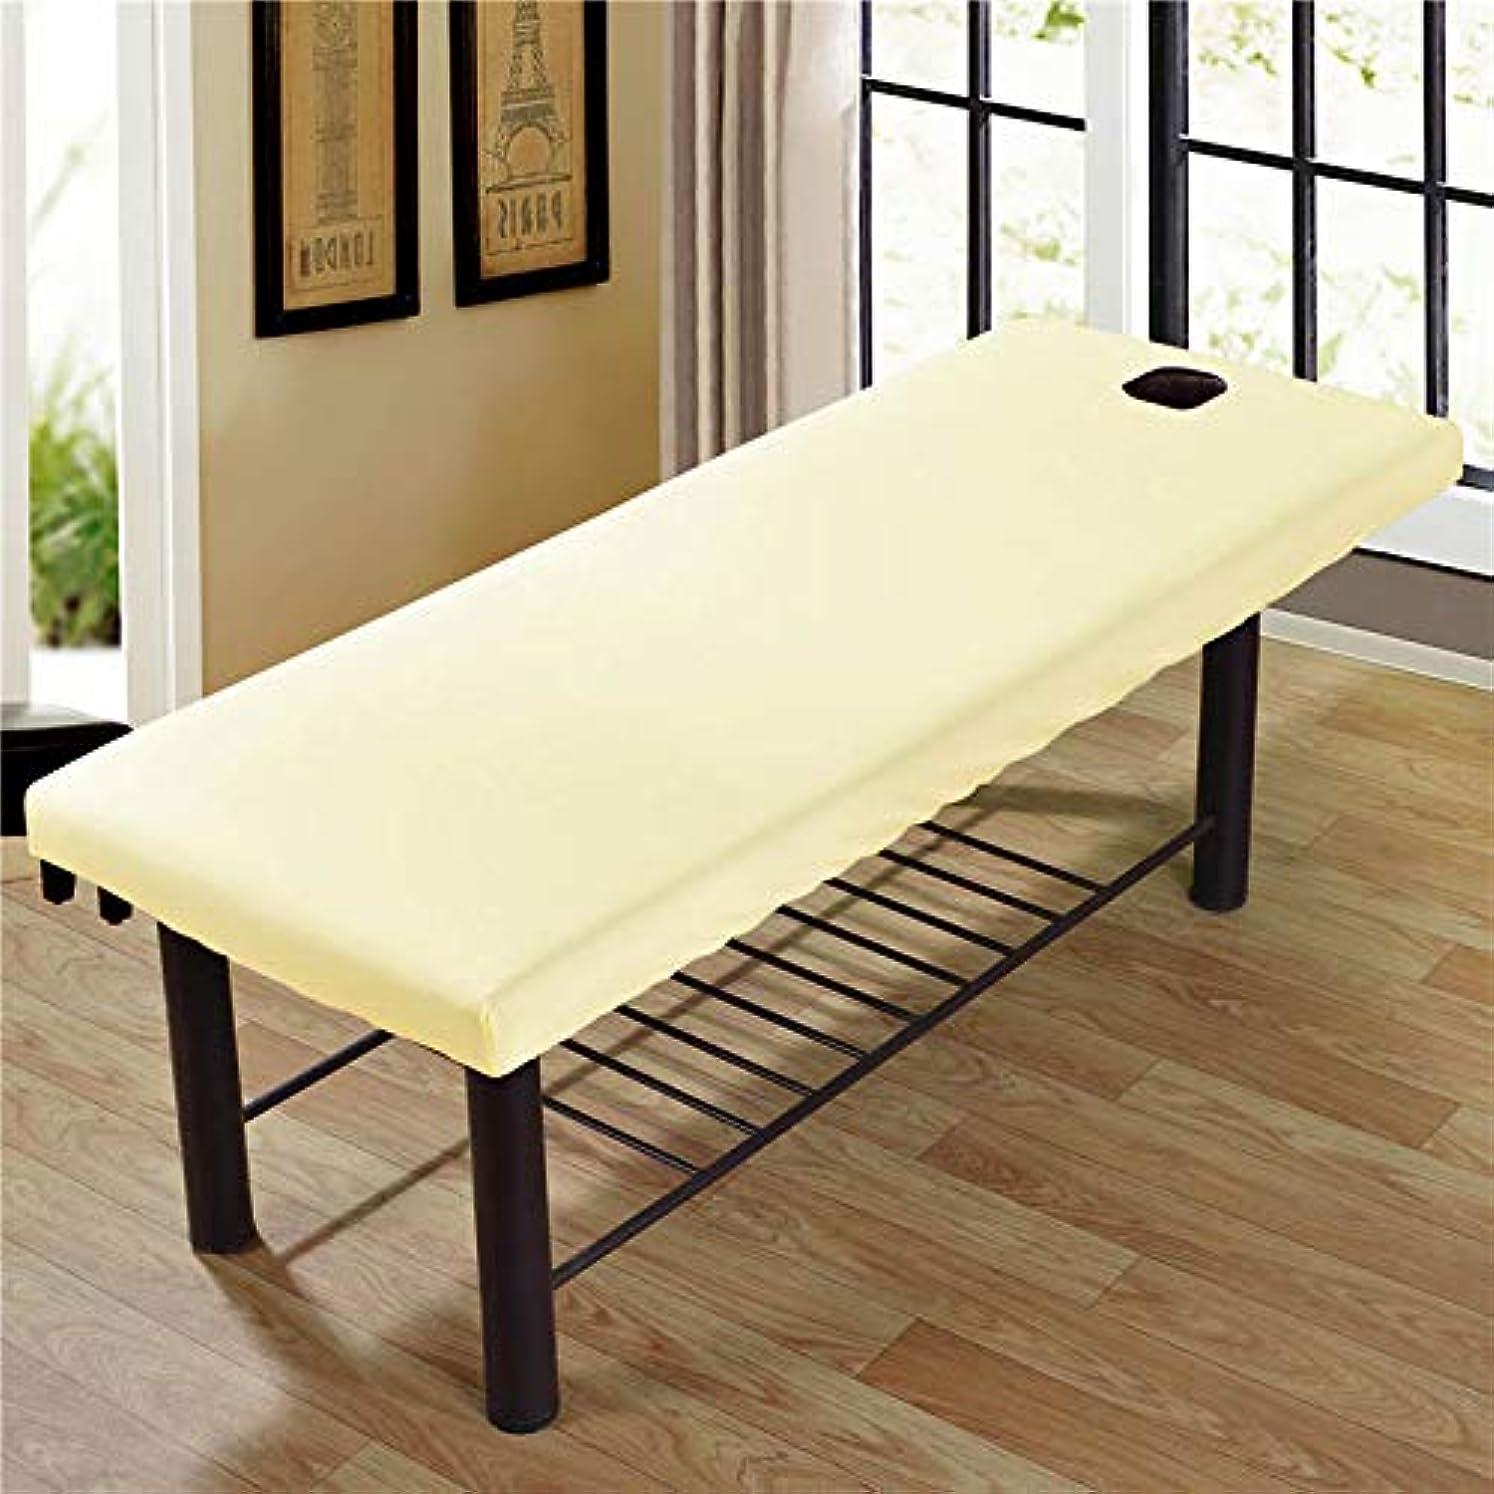 ガイダンス傾いた消費Tenflyer 美容院のマッサージ療法のベッドのための柔らかいSoliod色の長方形のマットレス